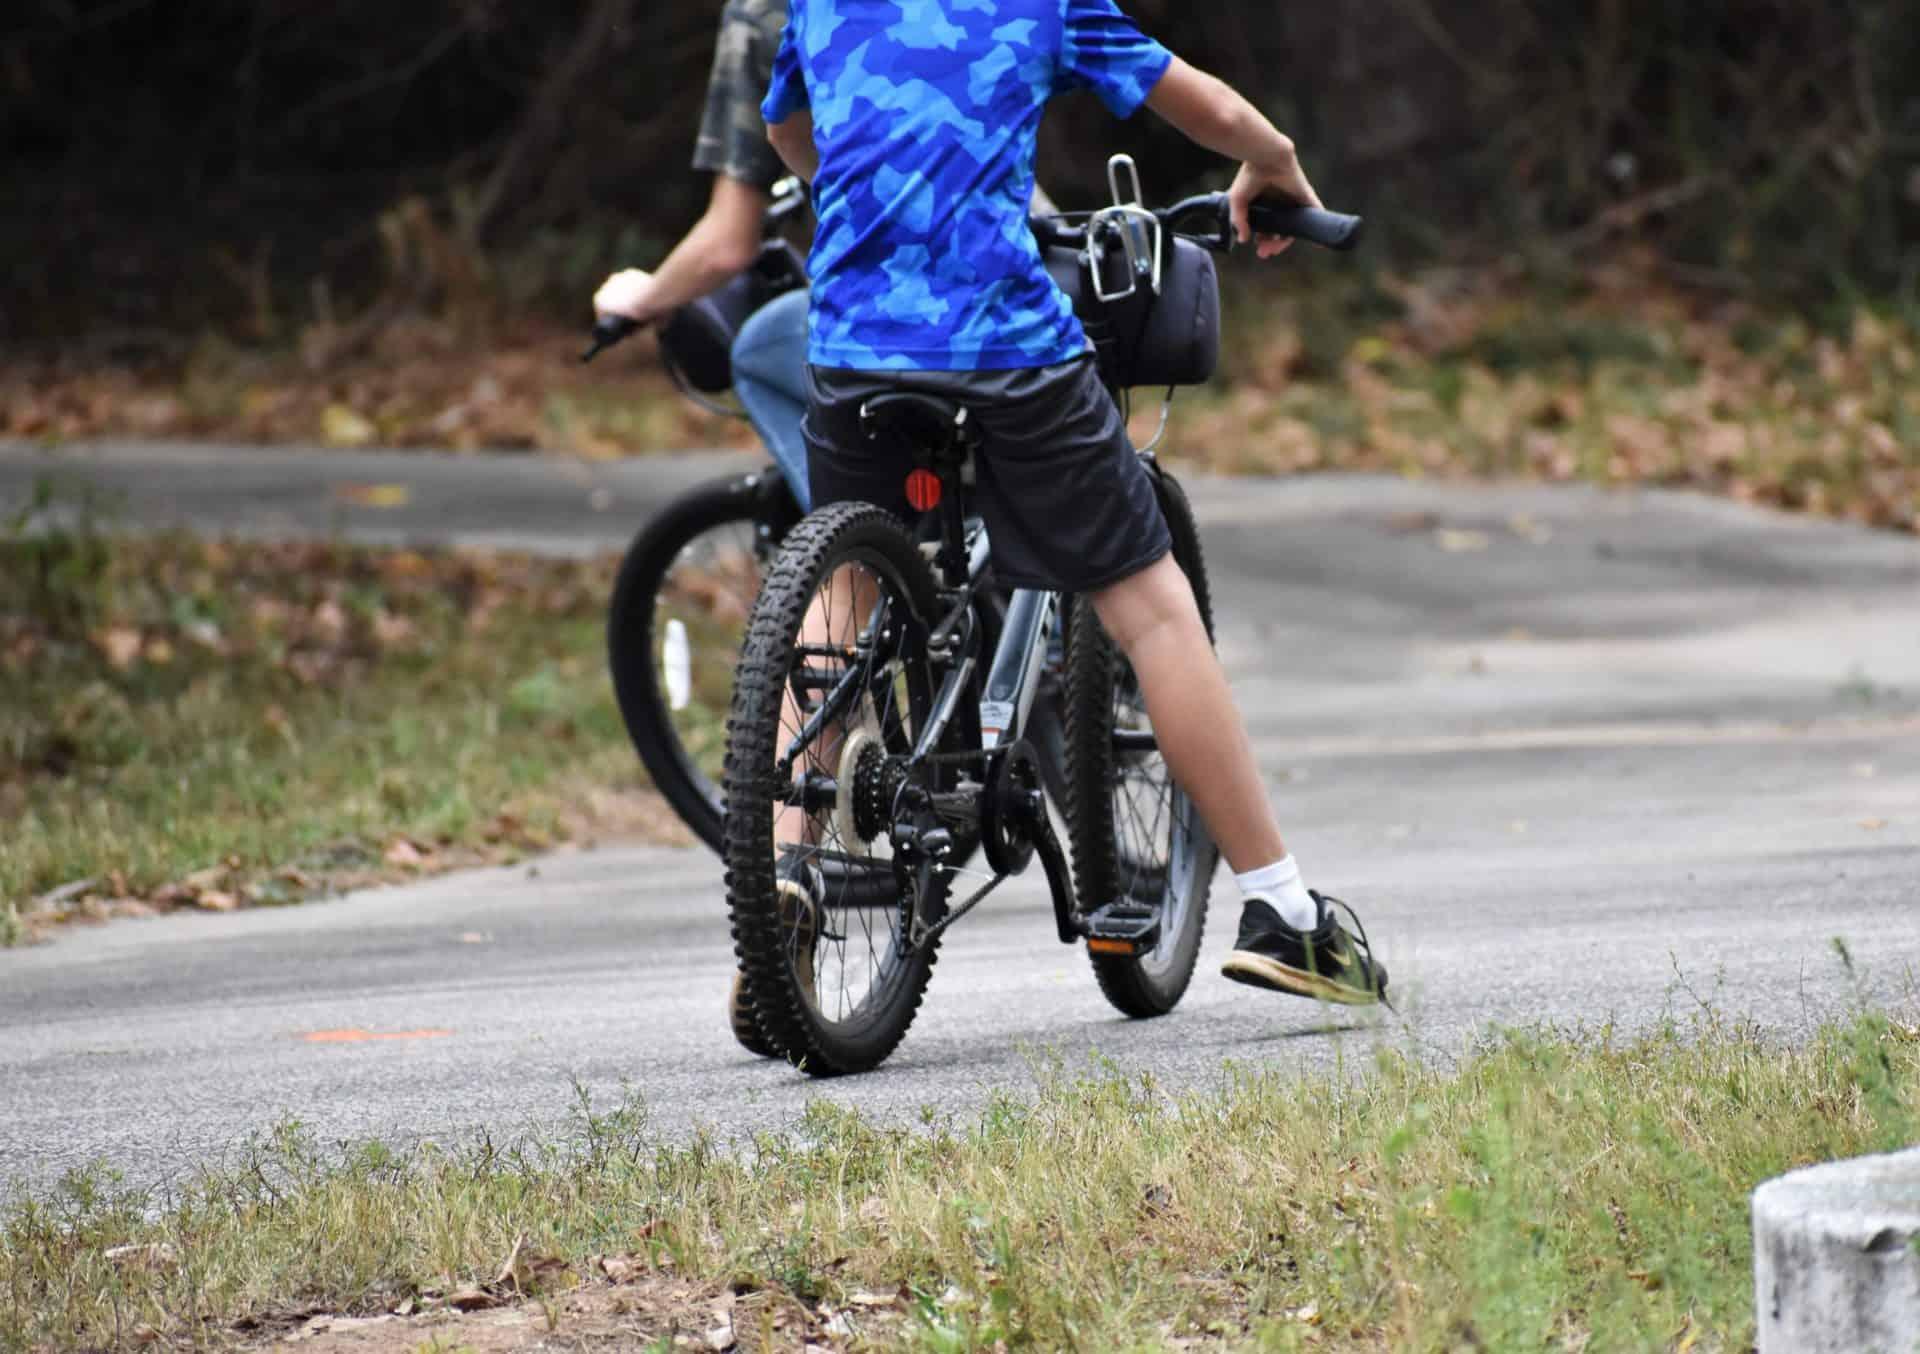 Momentum Bike Club